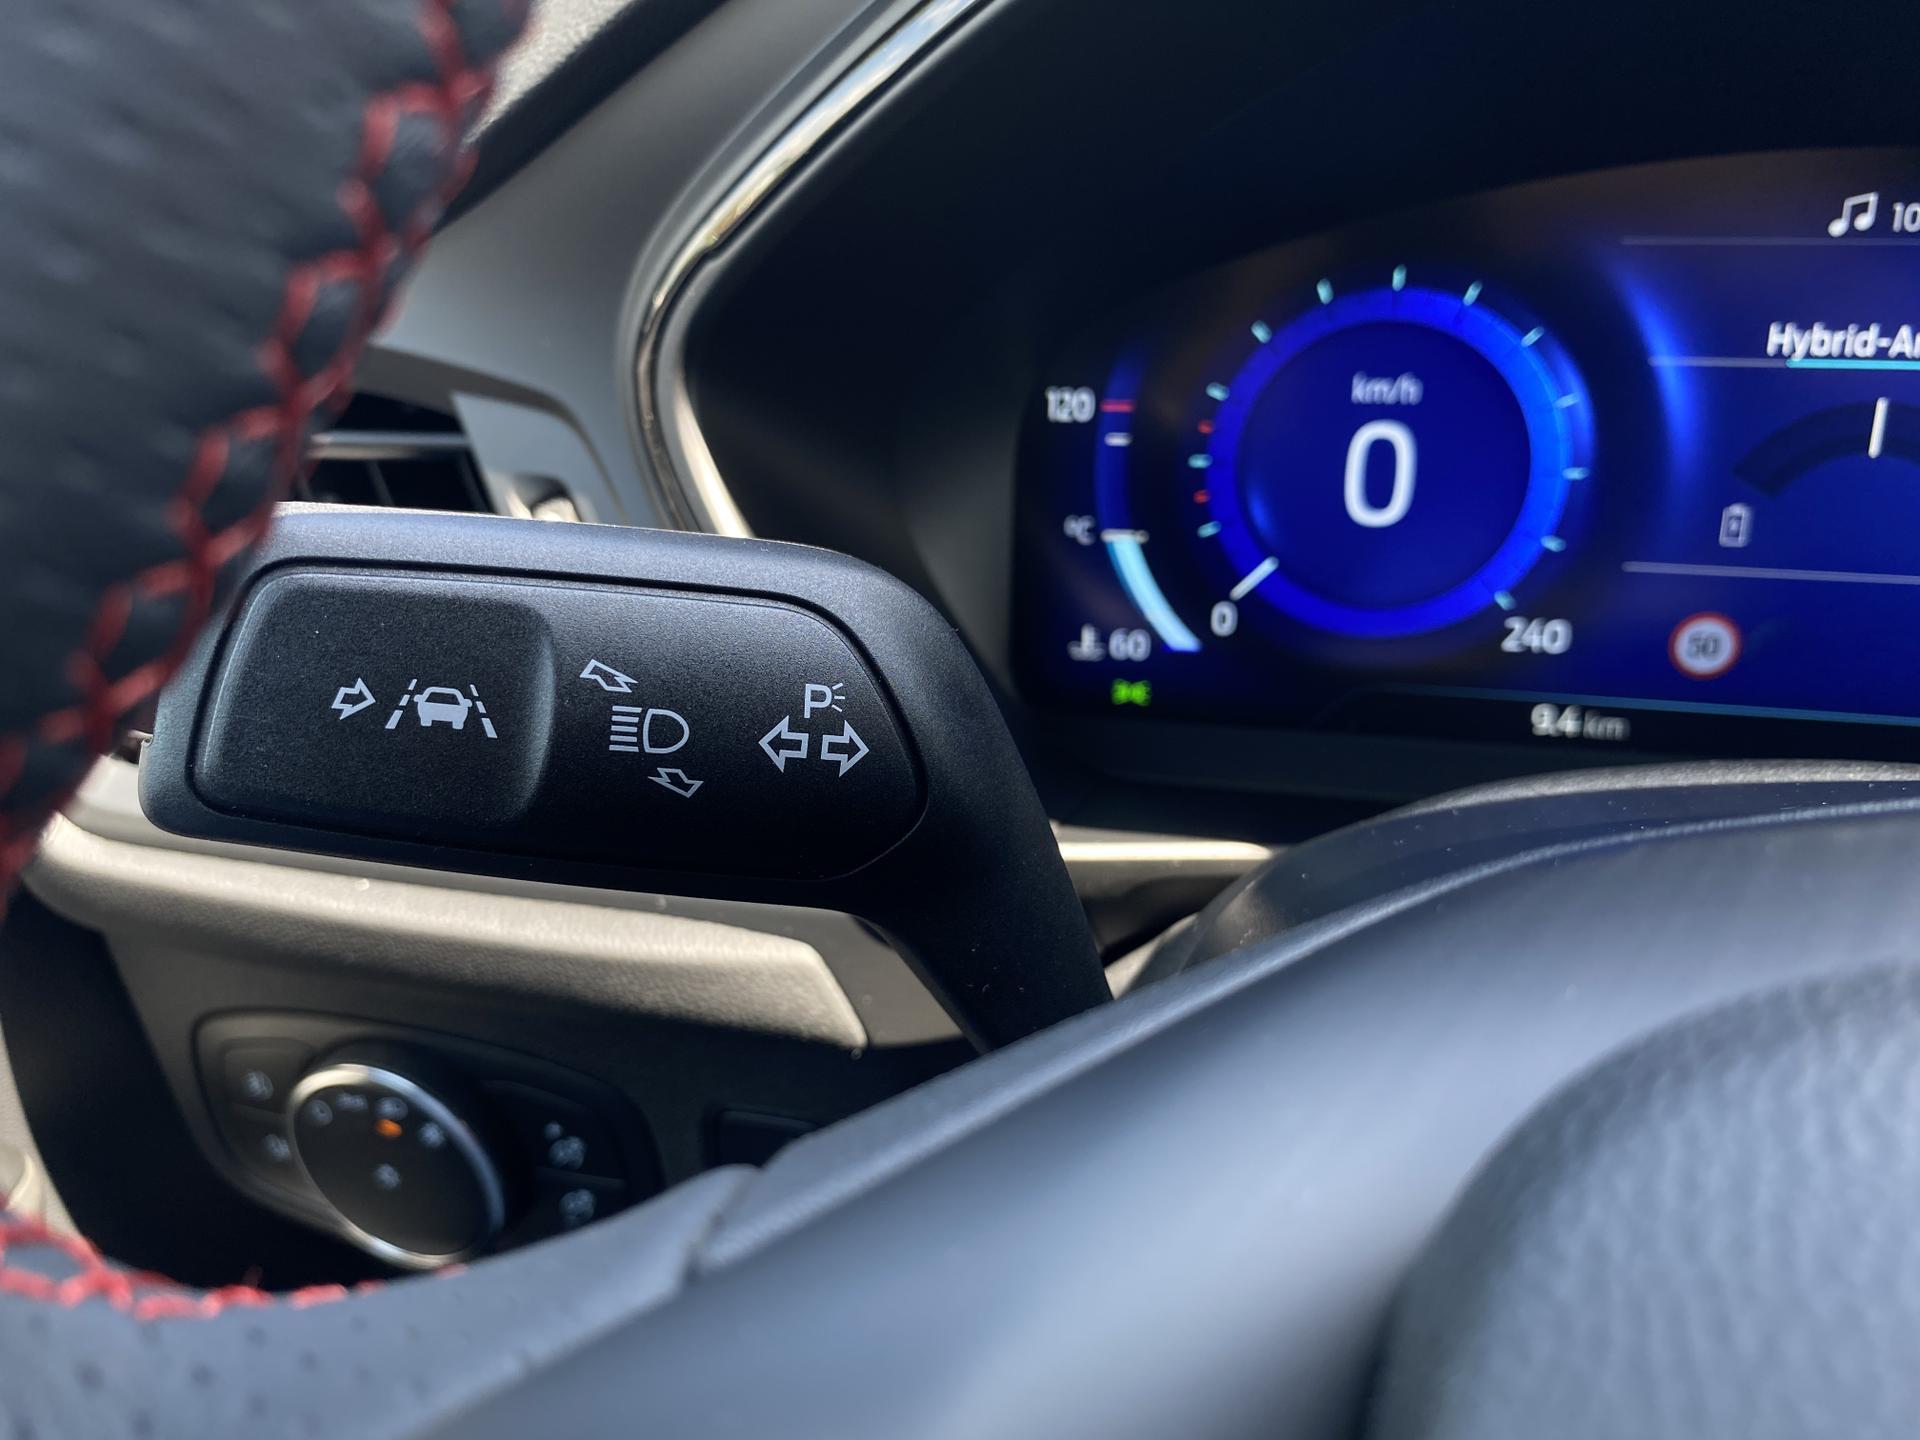 Ford Focus Turnier Innenraum